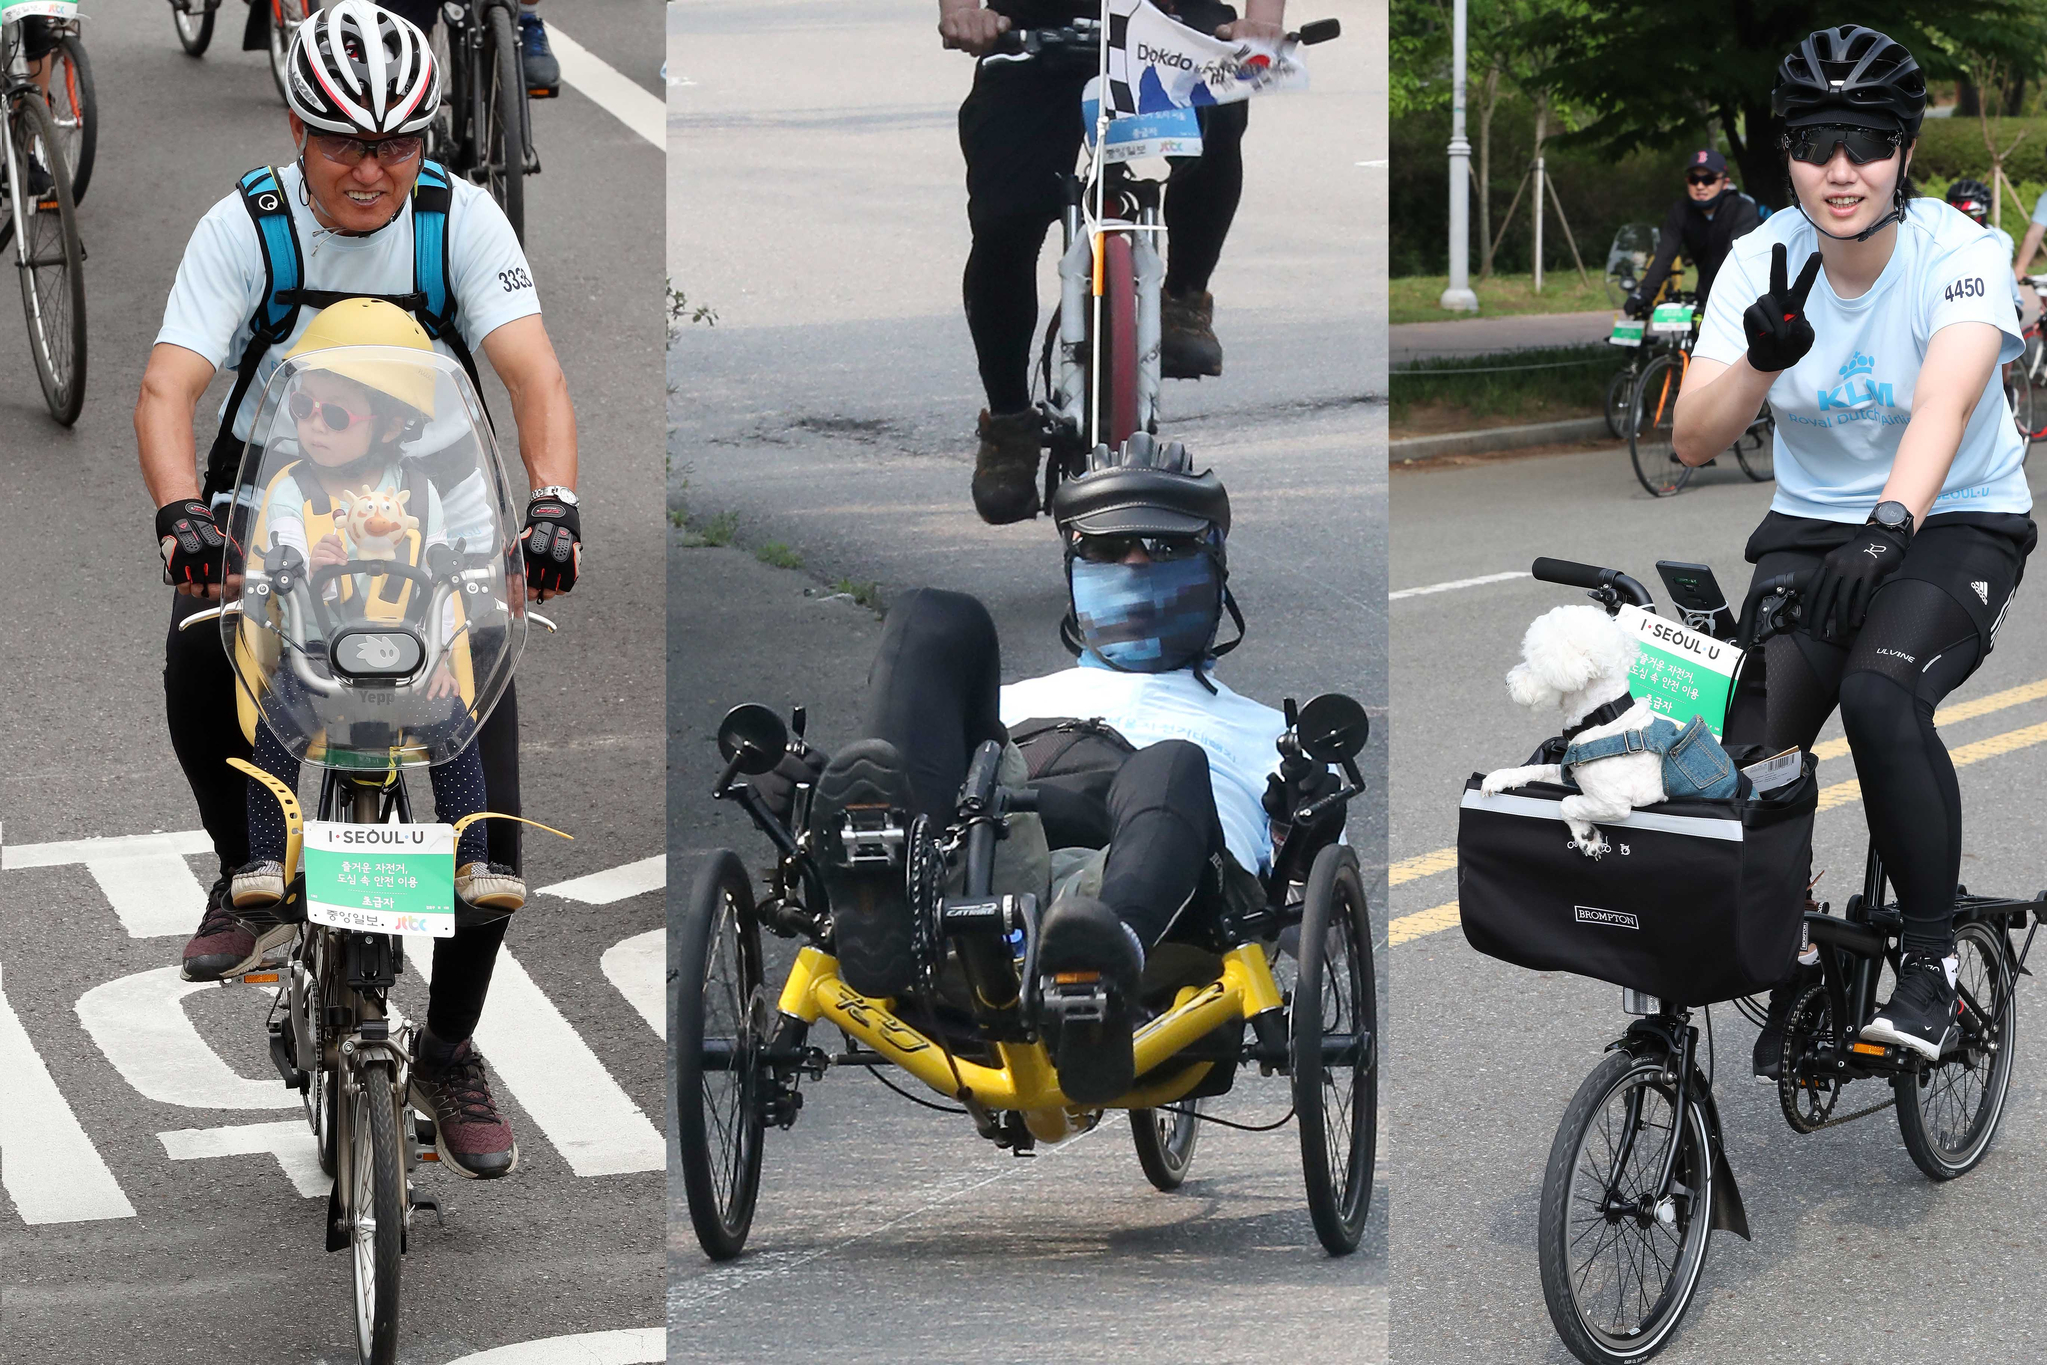 2019 서울자전거대행진이 9일 오전 중앙일보,JTBC,위스타트 공동주최로 6000여명이 시민들이 참가해 서울 도심에서 열렸다. 이날 참가자들이 각자의 쓰임에 걸맞는 형태의 자전거를 타고 도심을 달리고 있다. 우상조 기자